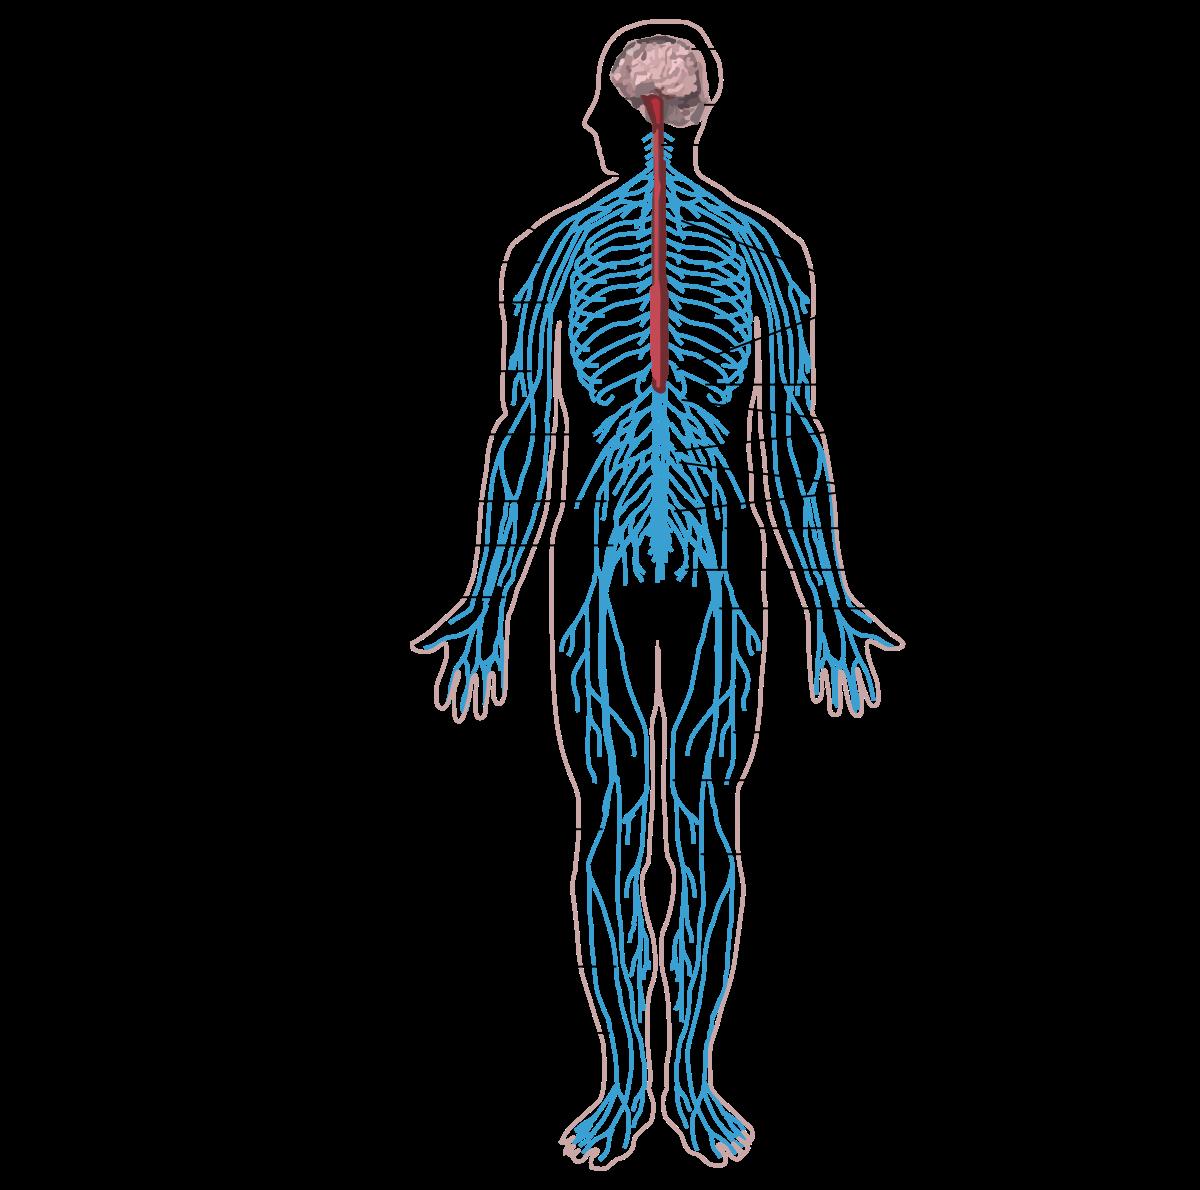 Hatékony gyógyszerek az emberi test parazitáira - Decaris az emberi test parazitáiból